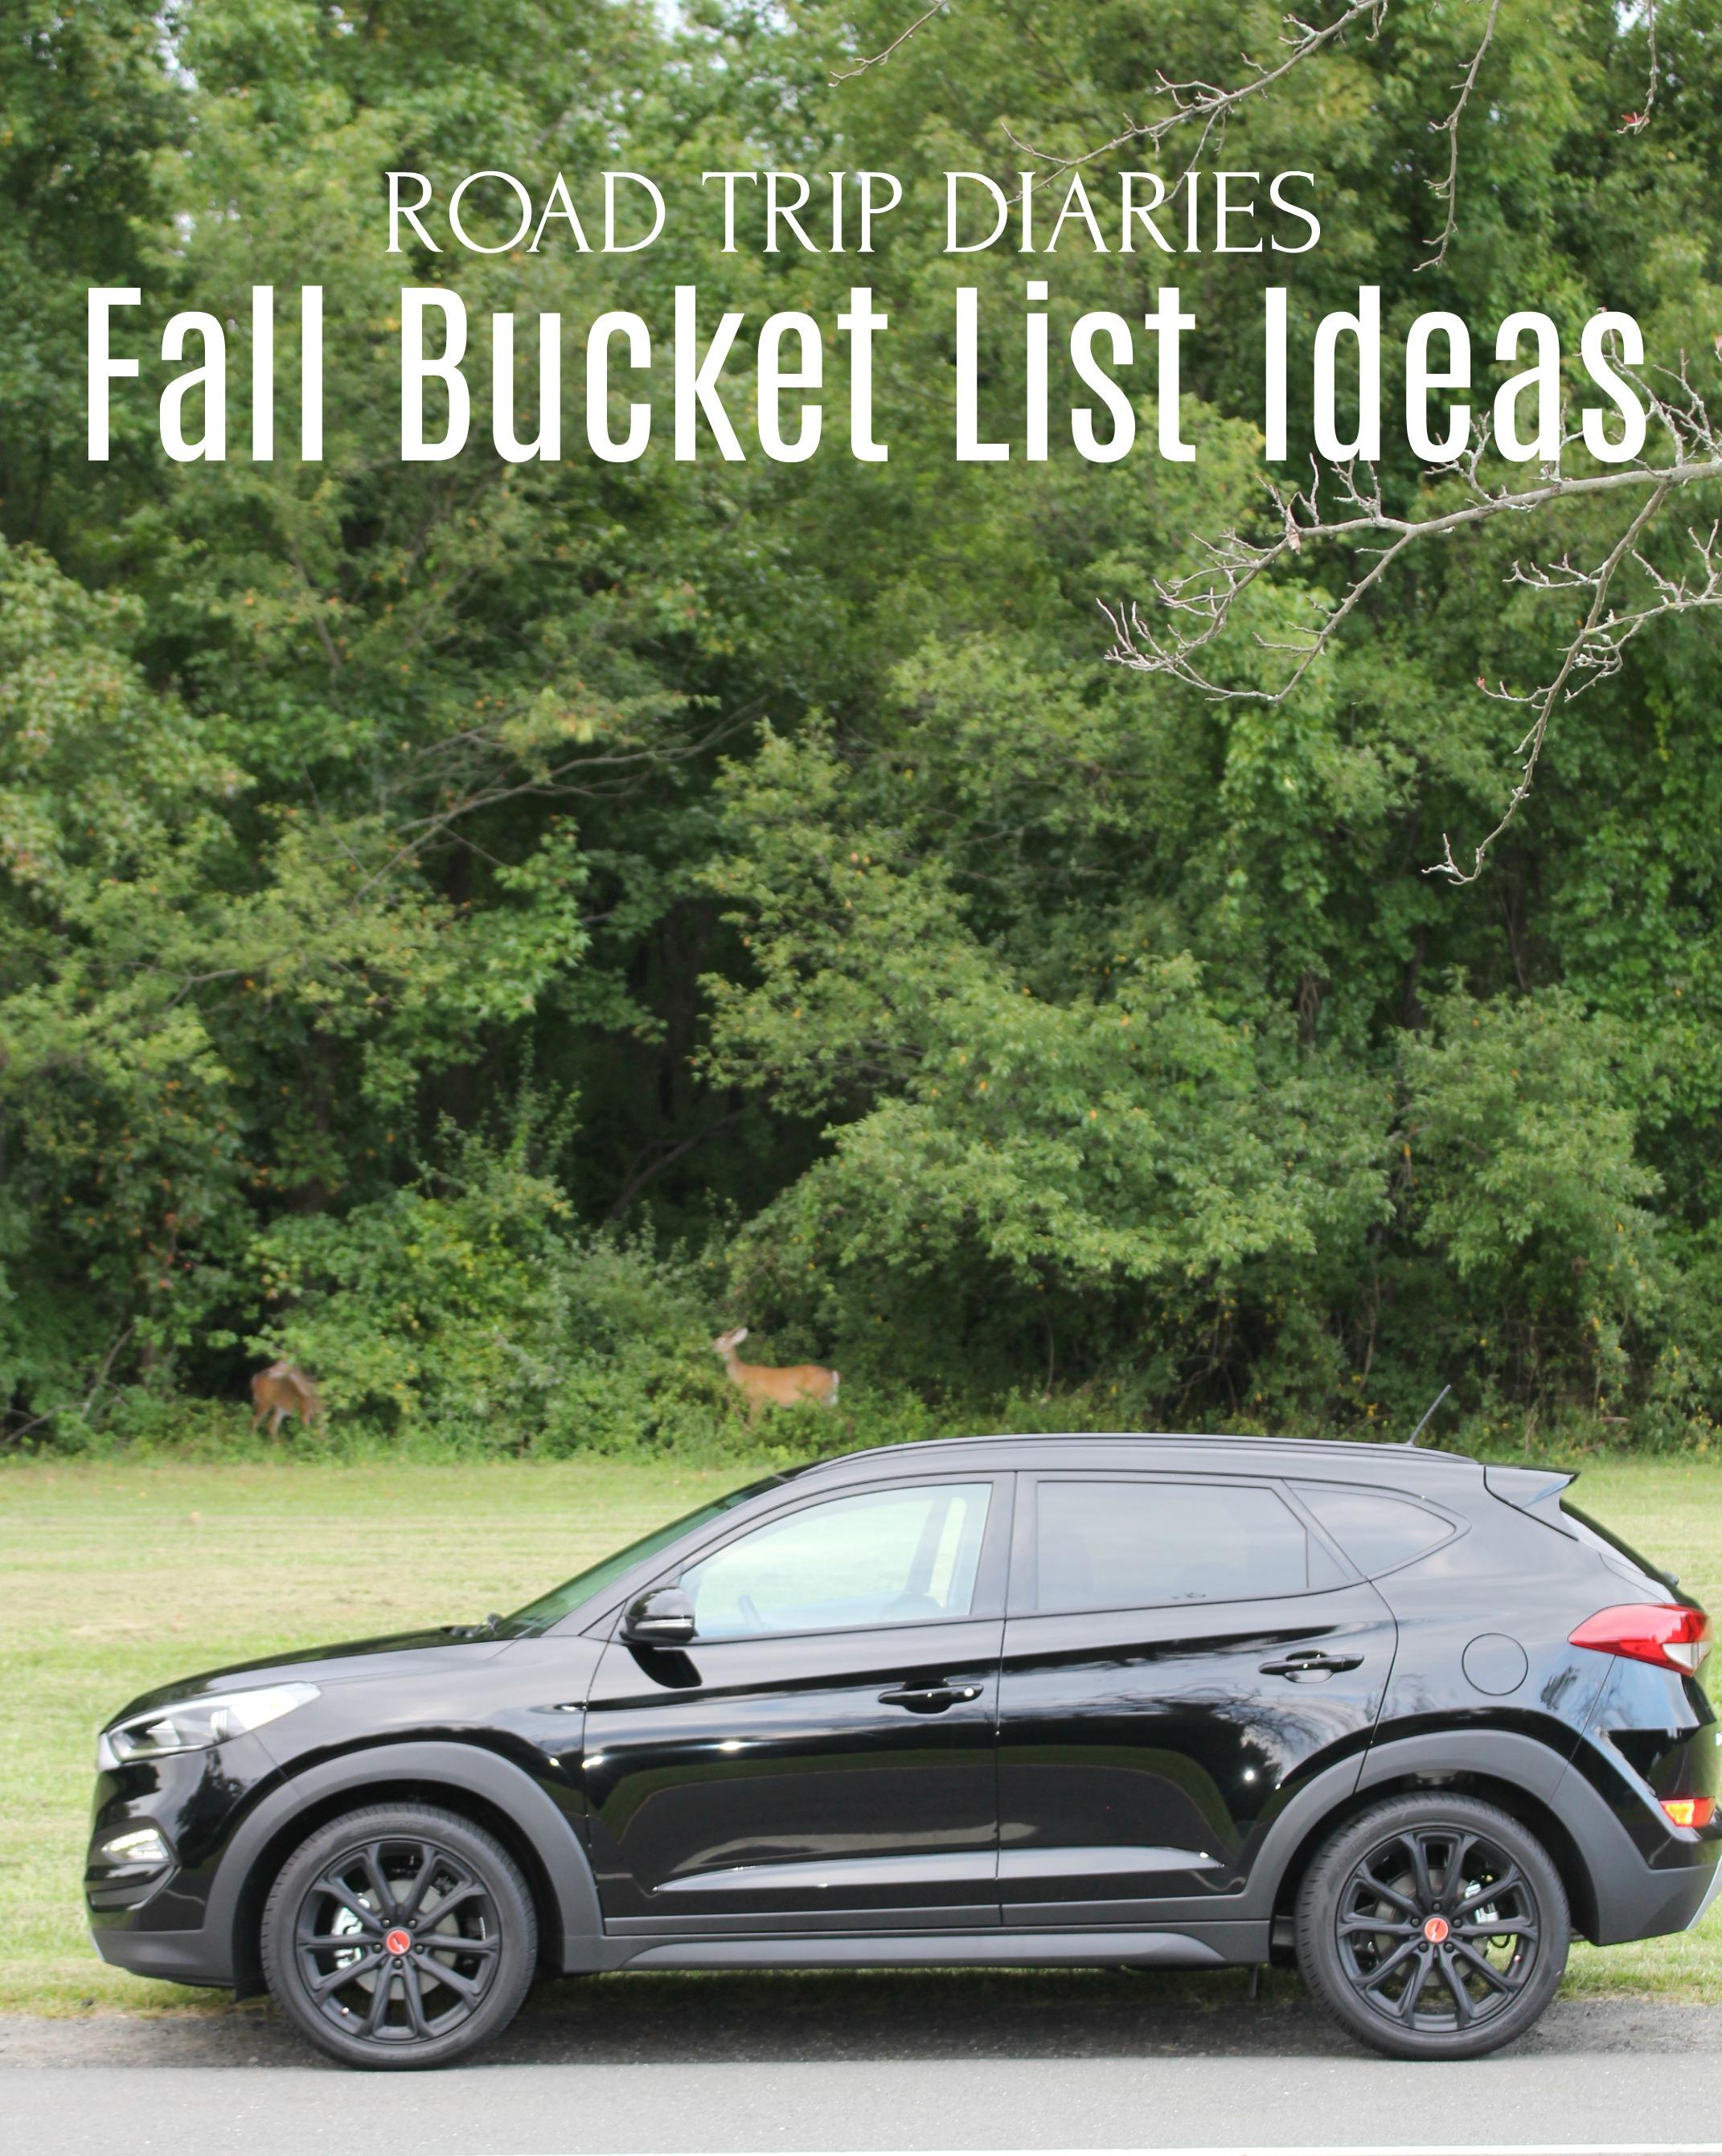 Road Trip Diaries - Fall Bucket List